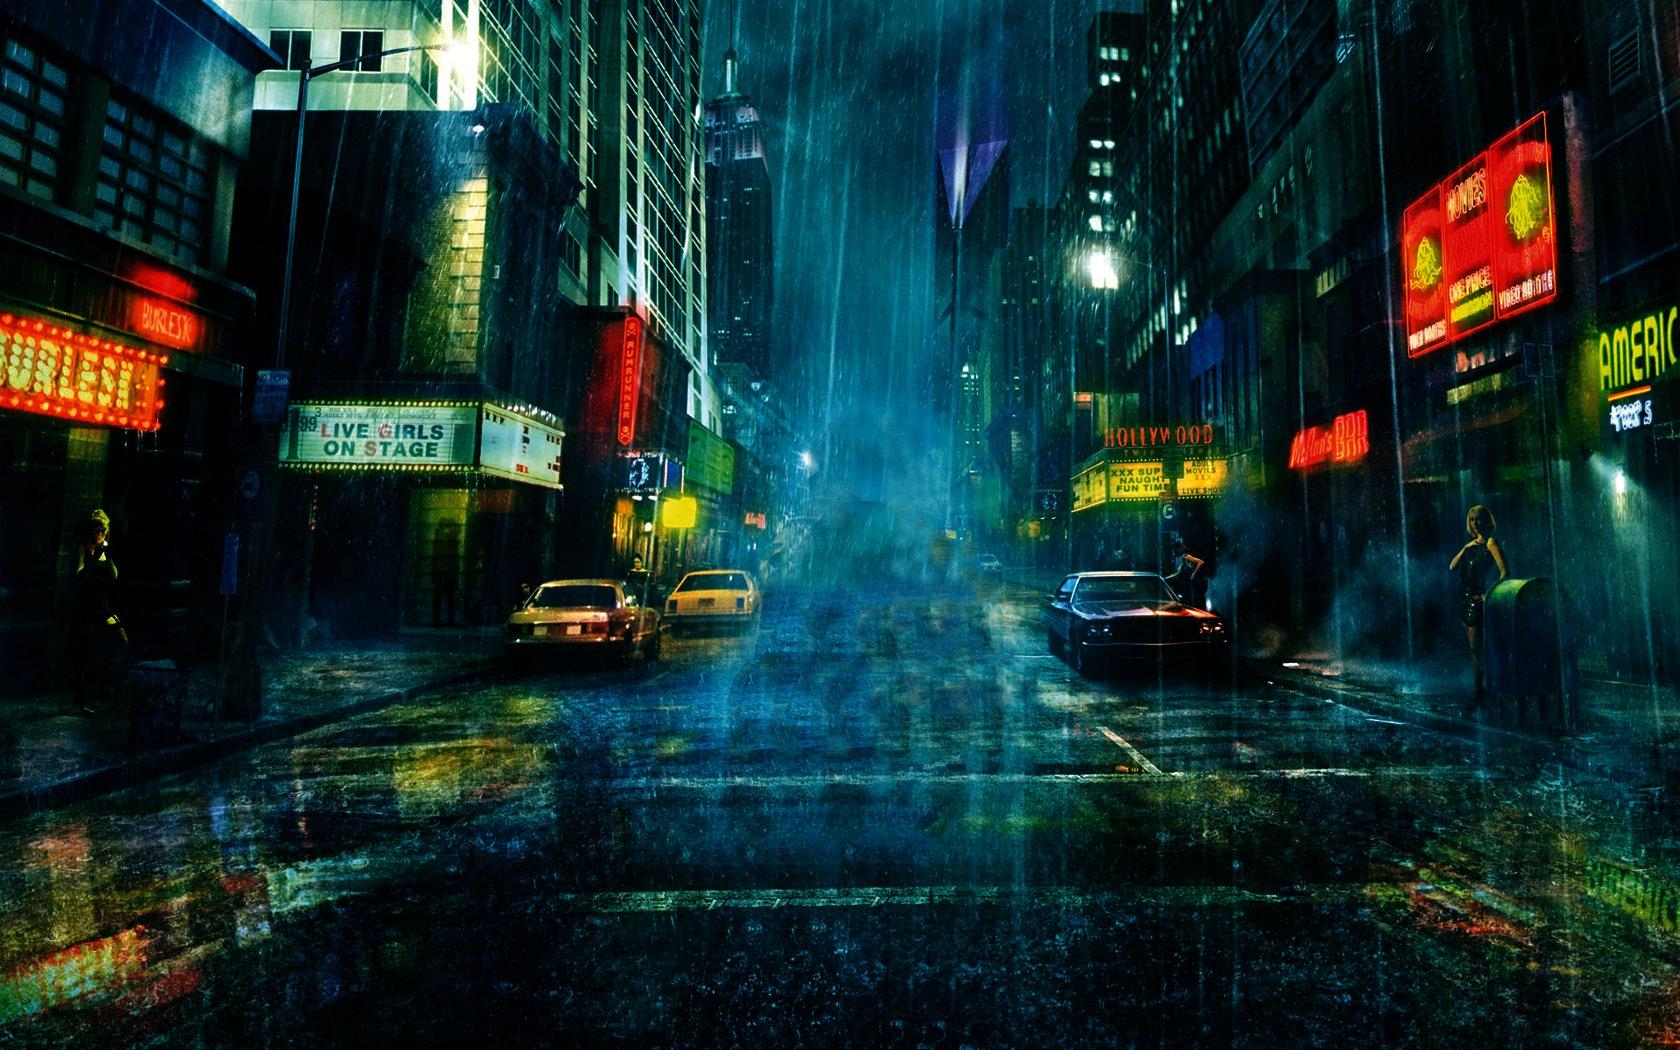 Raining Hd Wallpapers Wallpapersafari